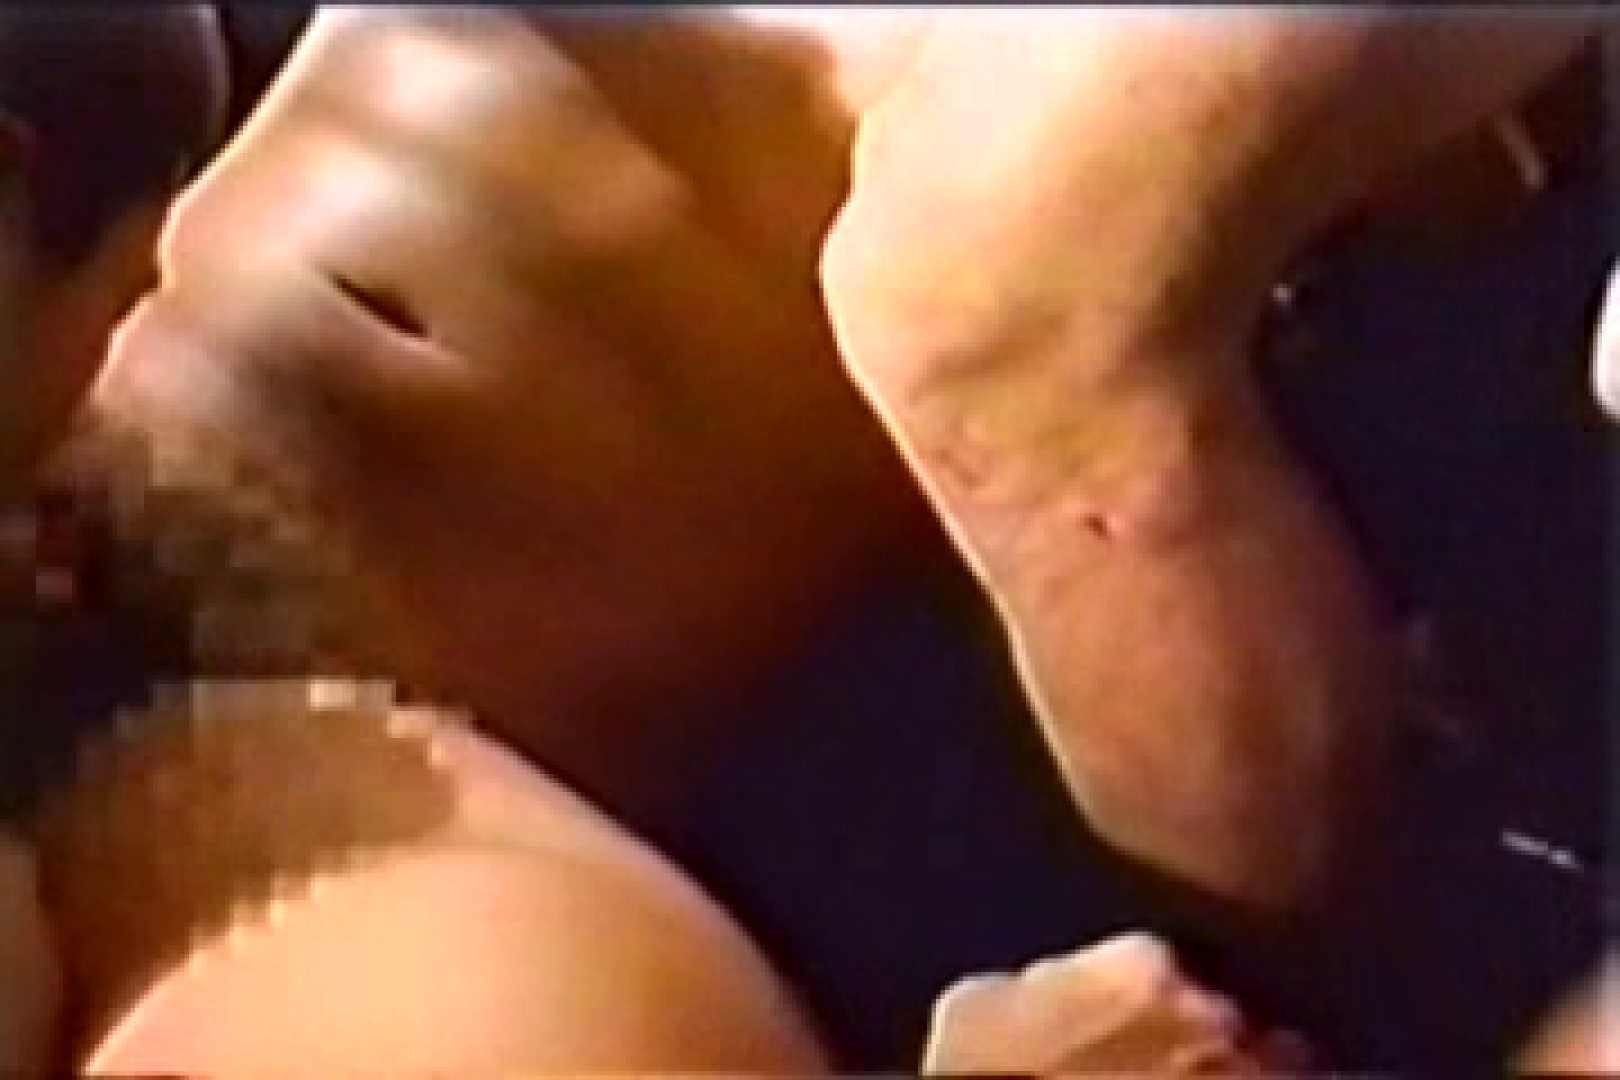 俺たち痴態思考!!vol.02 お掃除フェラ ゲイ無修正ビデオ画像 97pic 96